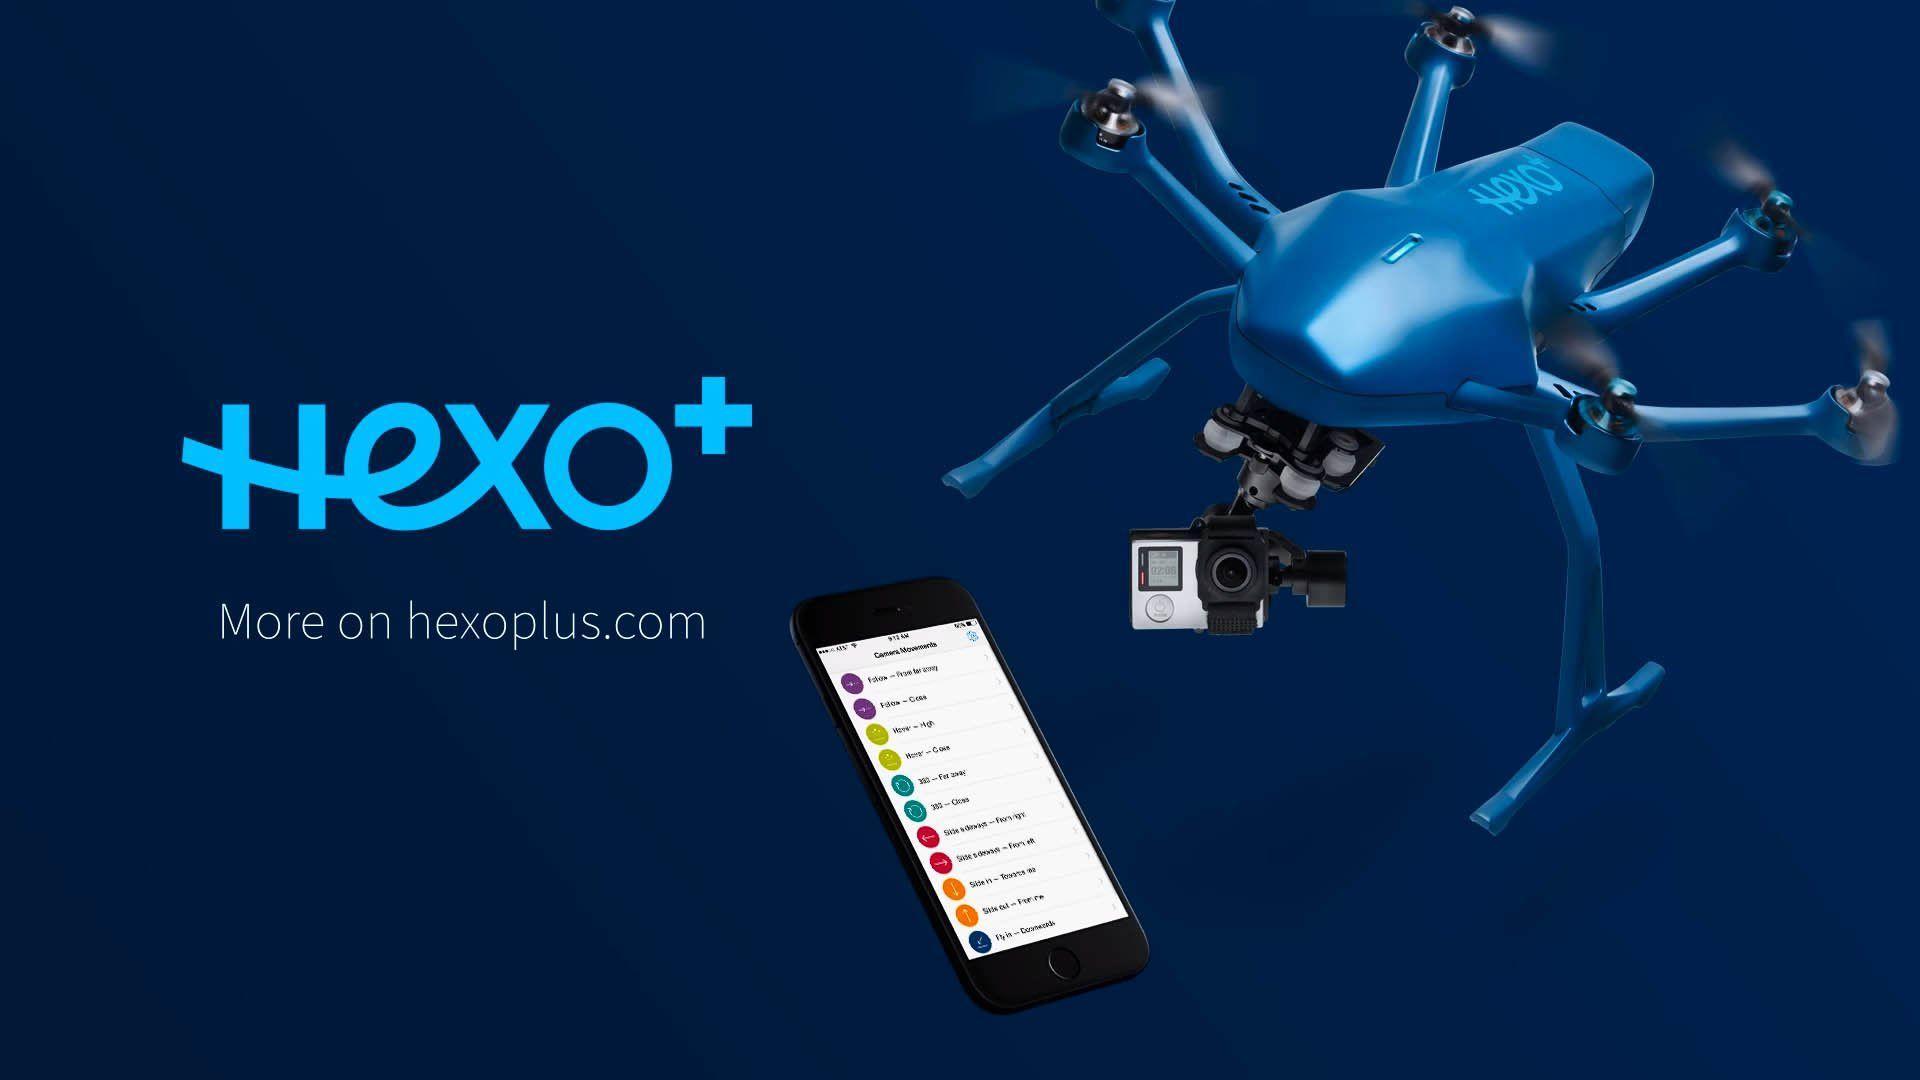 hexo-plus-drone